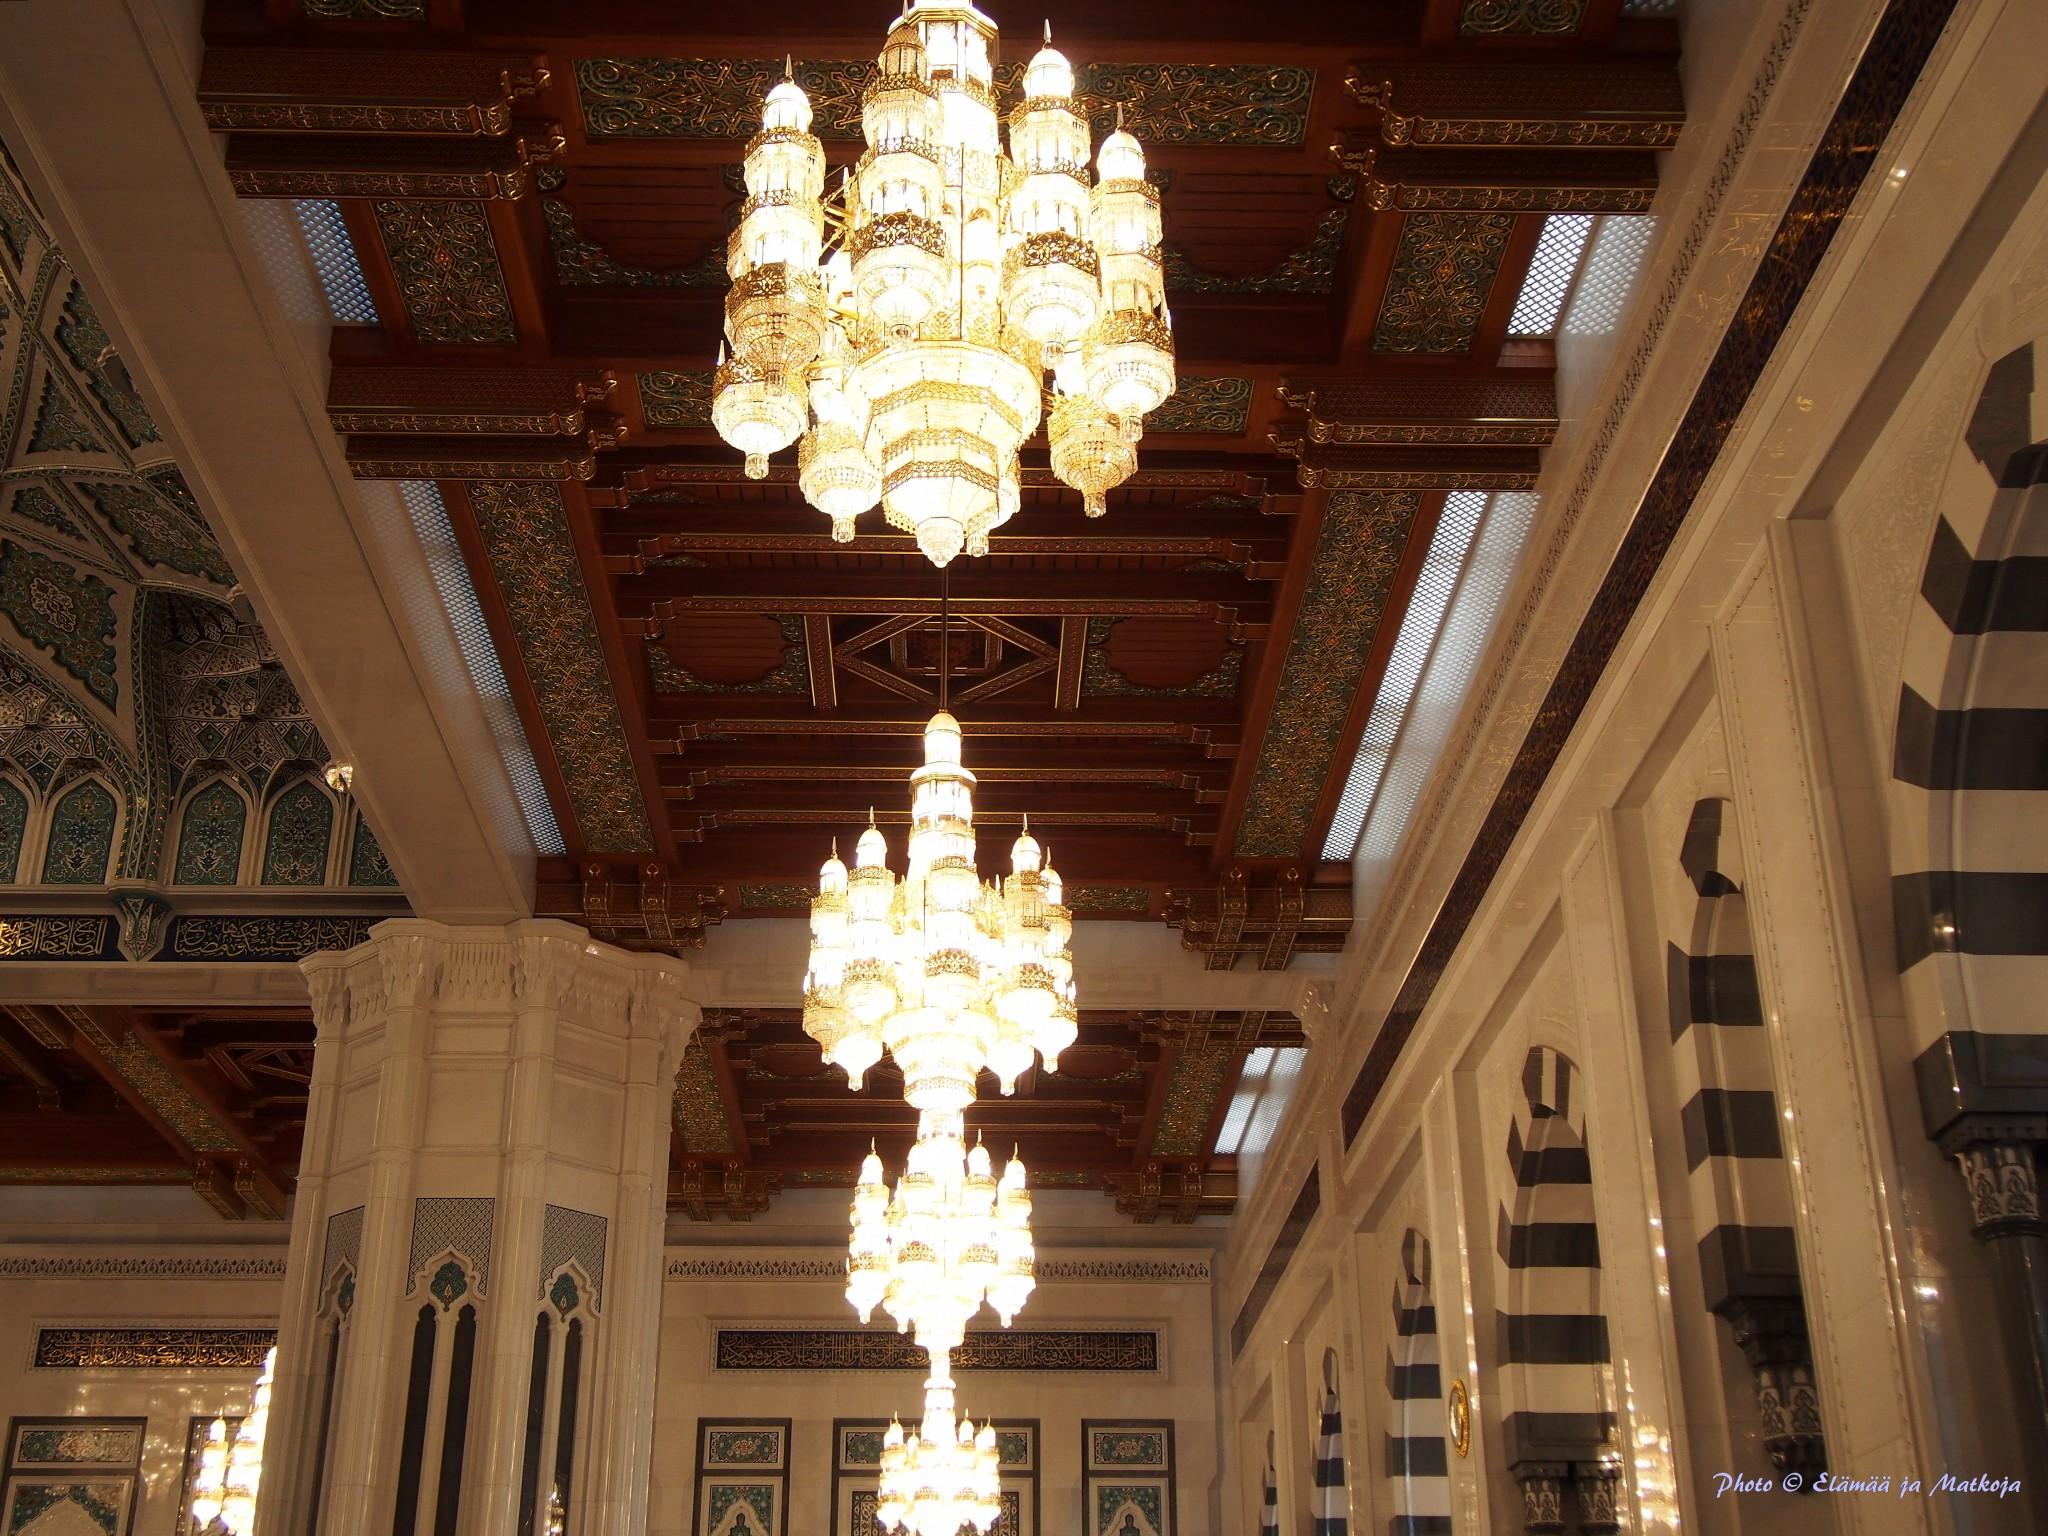 Oman Masqat Sultan Qaboos suurmoskeija pääsali Photo © Elämää ja Matkoja